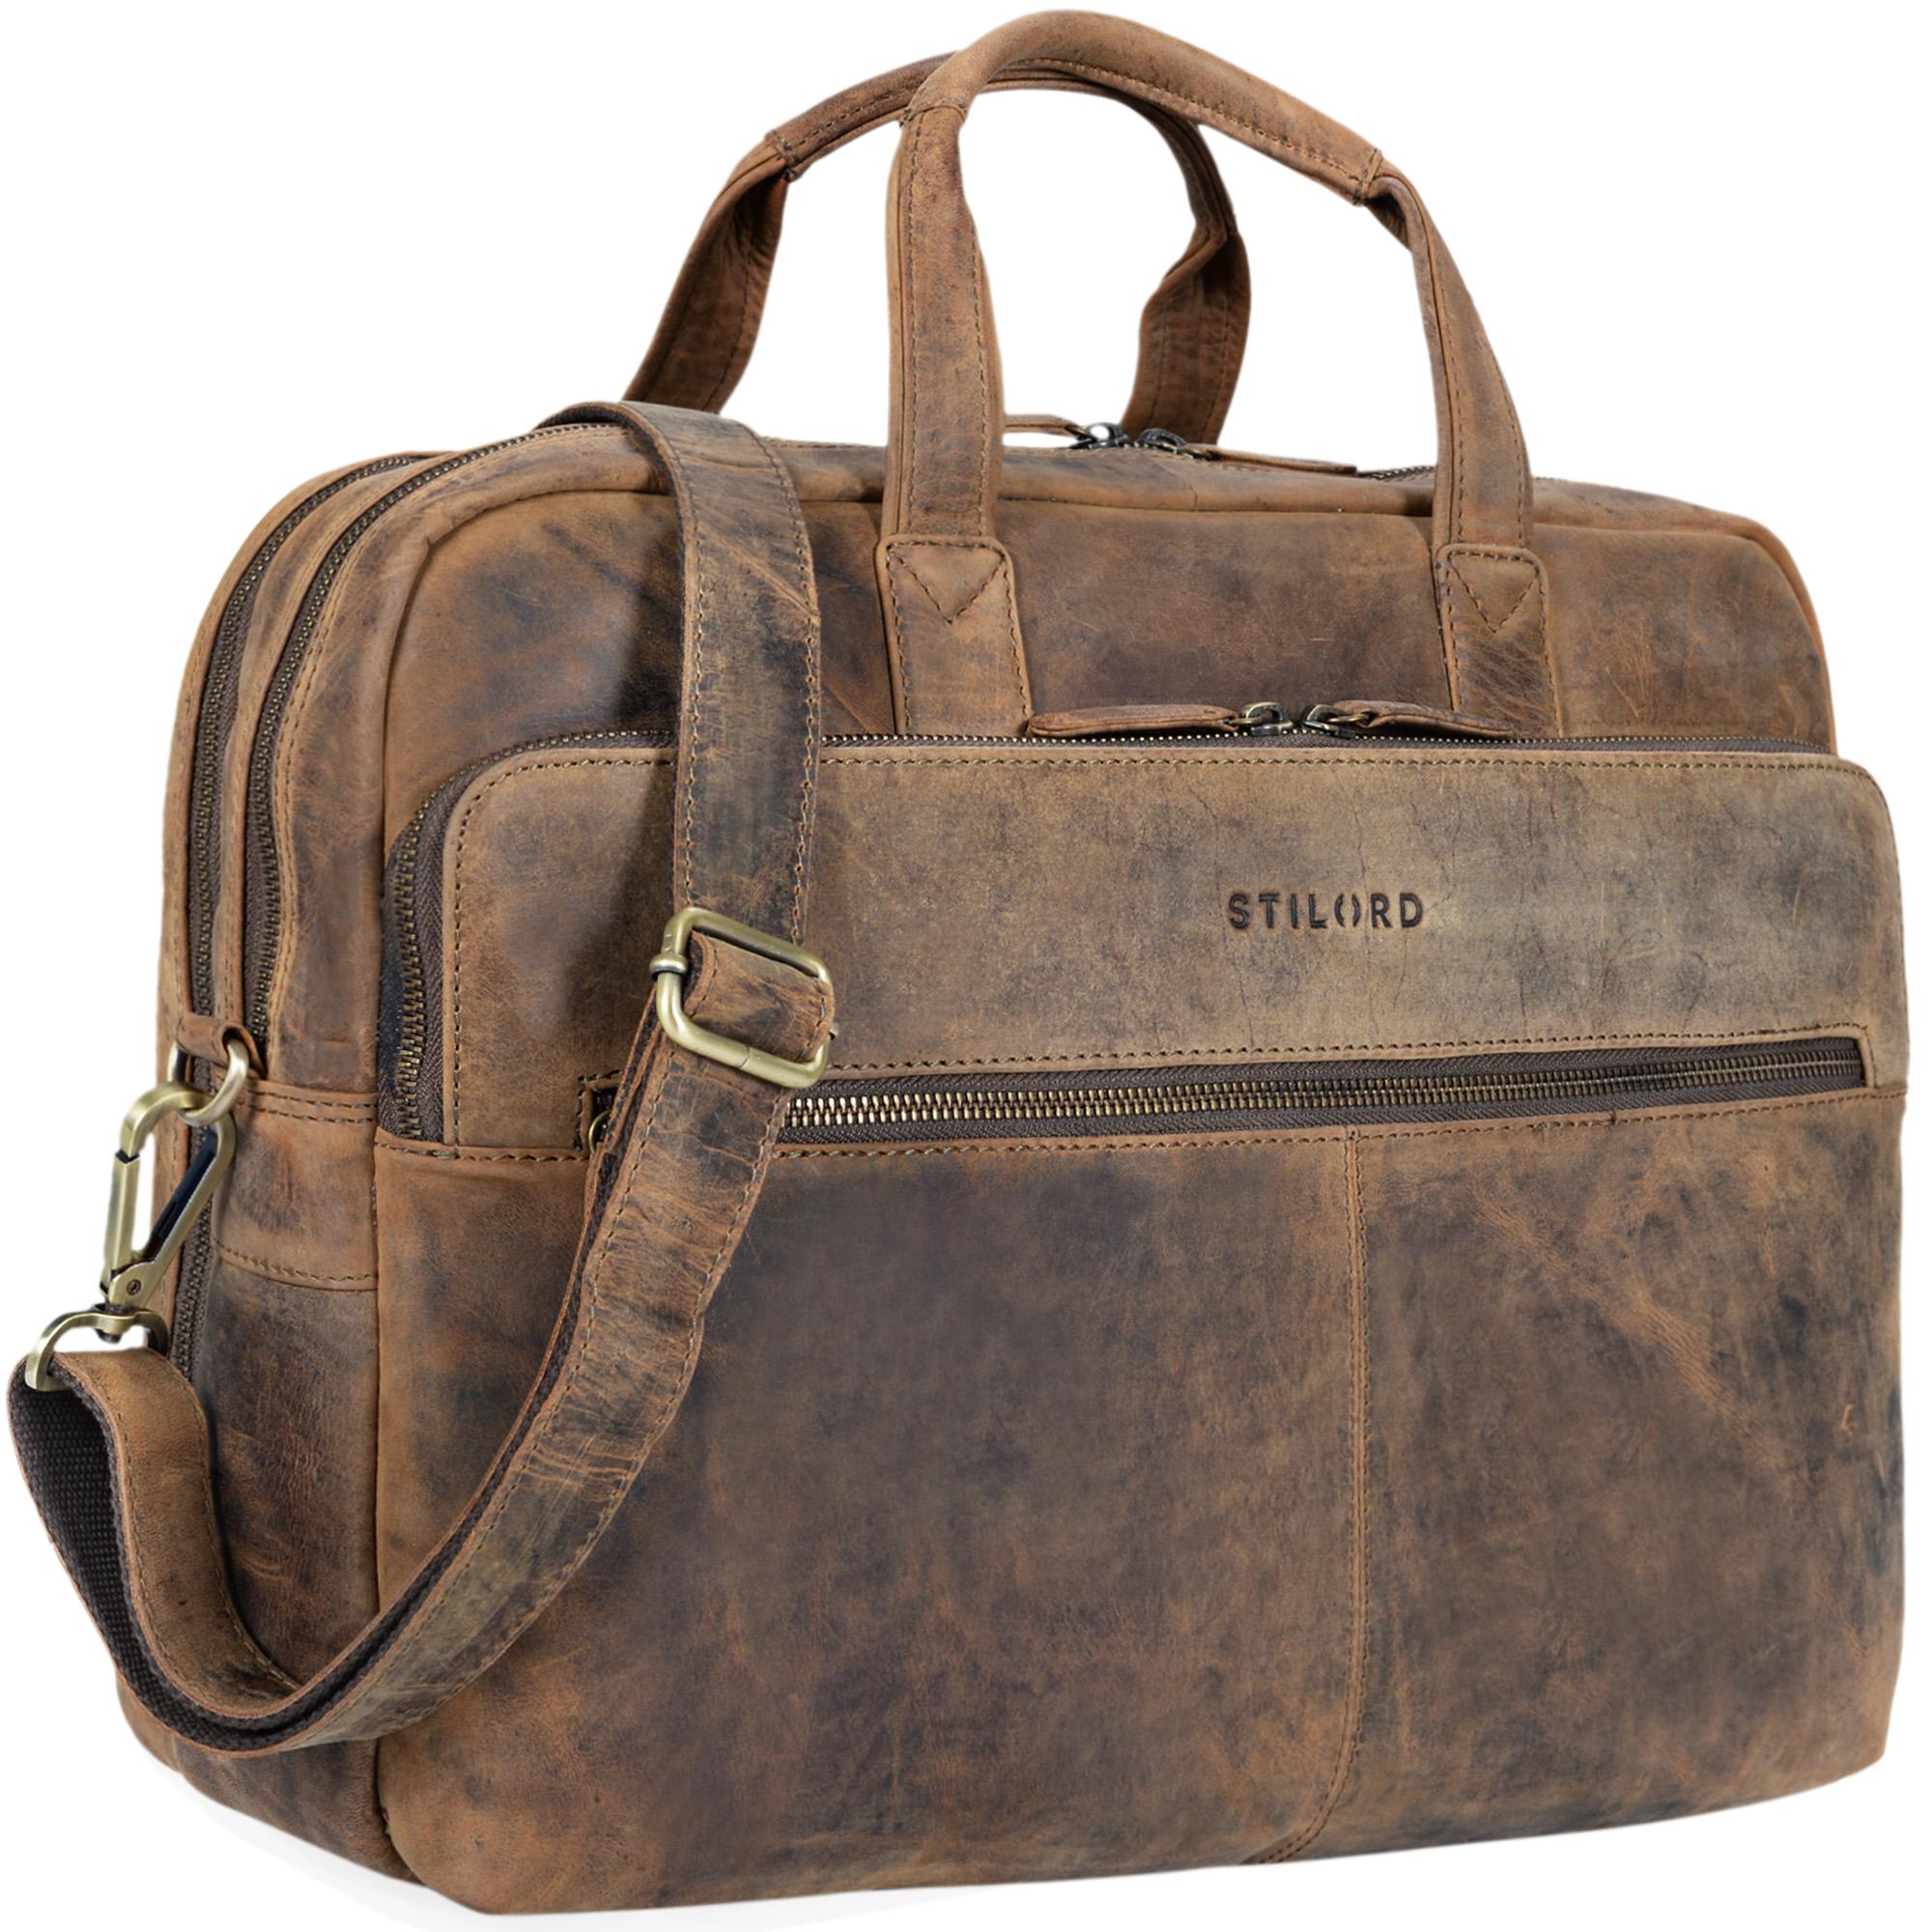 """STILORD """"William"""" Businesstasche Leder groß XL Lehrertasche Aktentasche 15,6 Zoll Laptoptasche Bürotasche Ledertasche Vintage Umhängetasche Echtleder - Bild 8"""